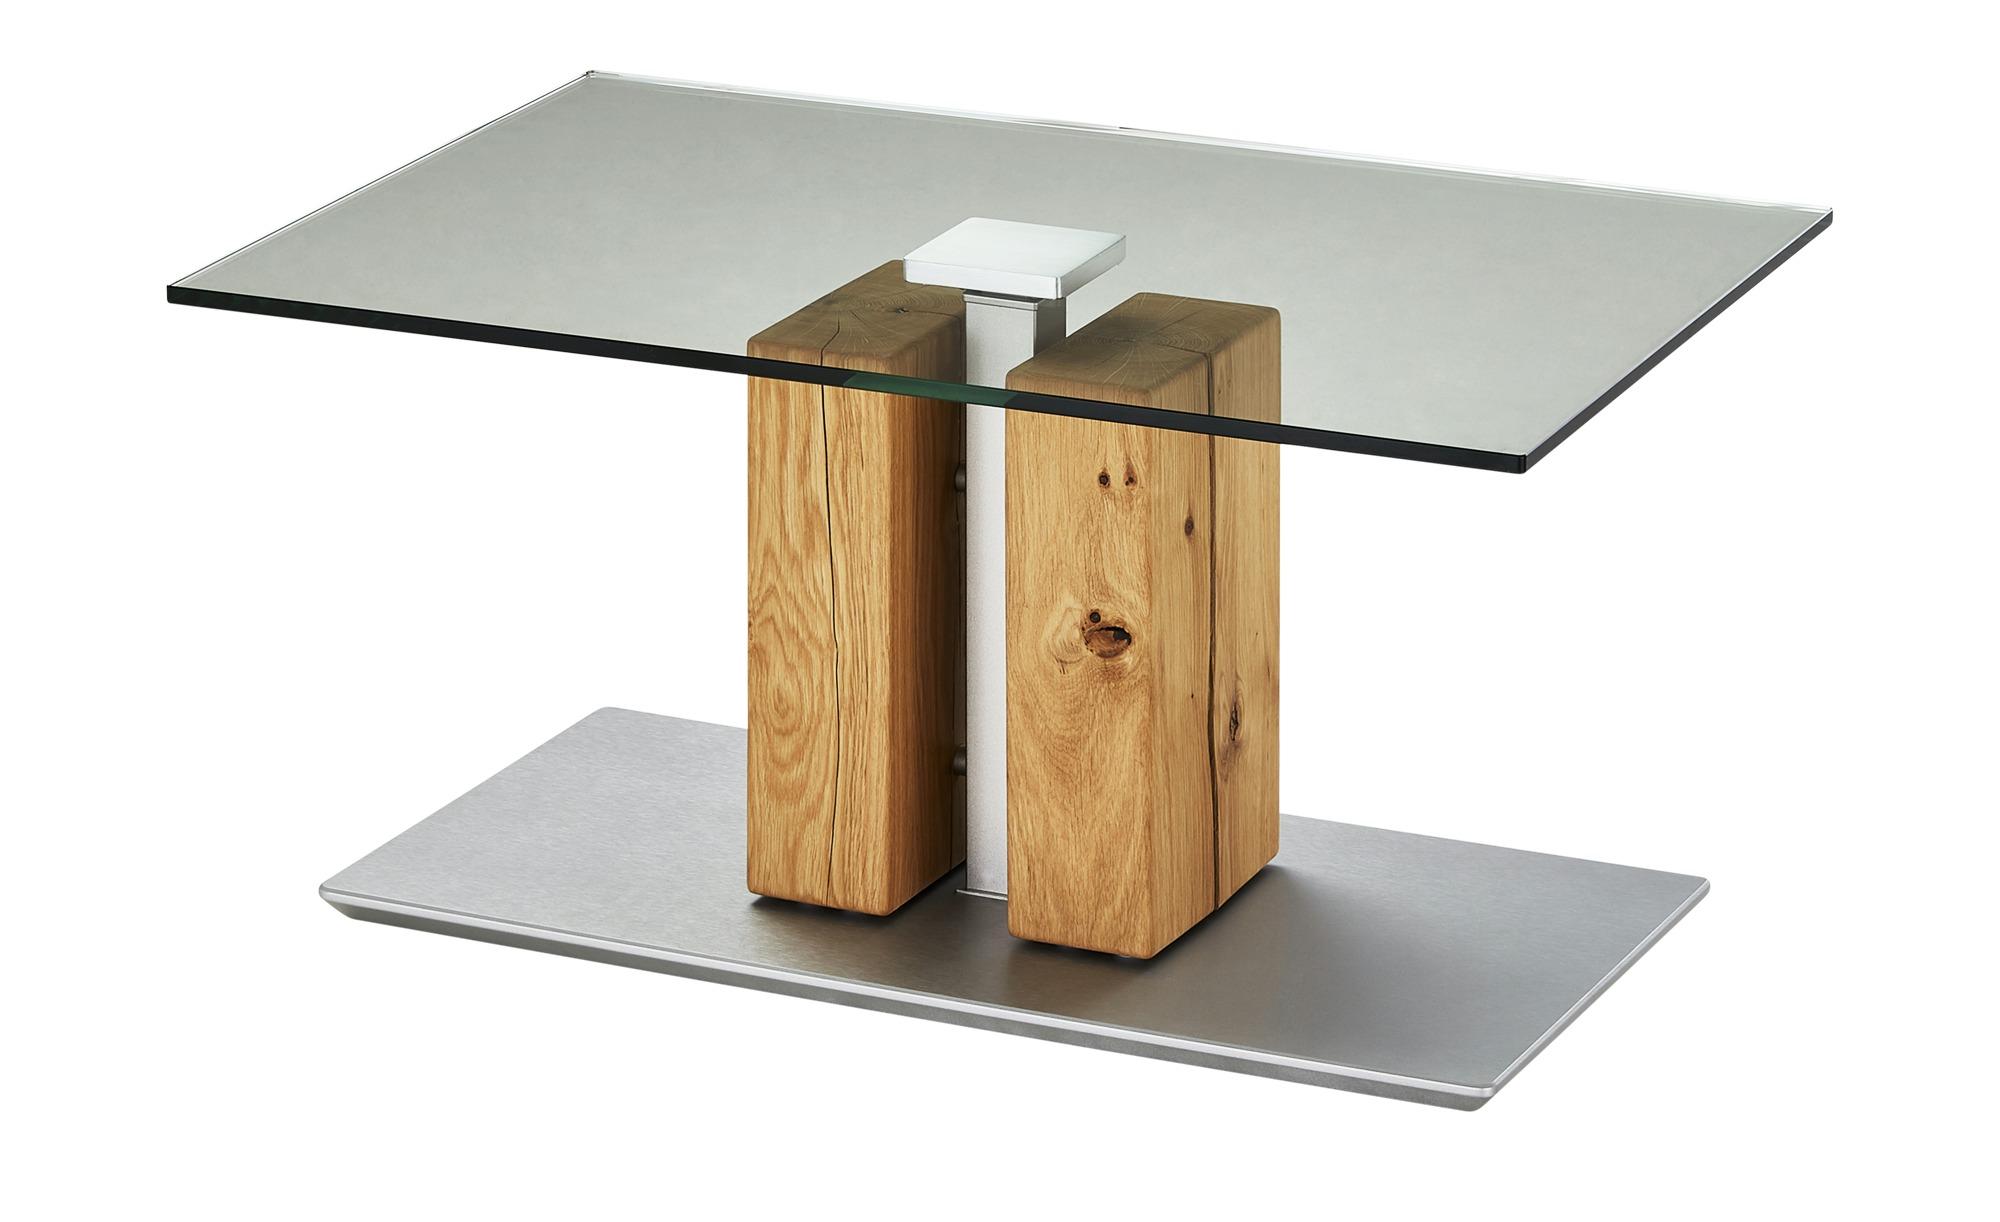 Couchtisch  Mansel ¦ holzfarben ¦ Maße (cm): B: 60 H: 45 T: 60 Tische > Couchtische > Couchtische höhenverstellbar - Höffner